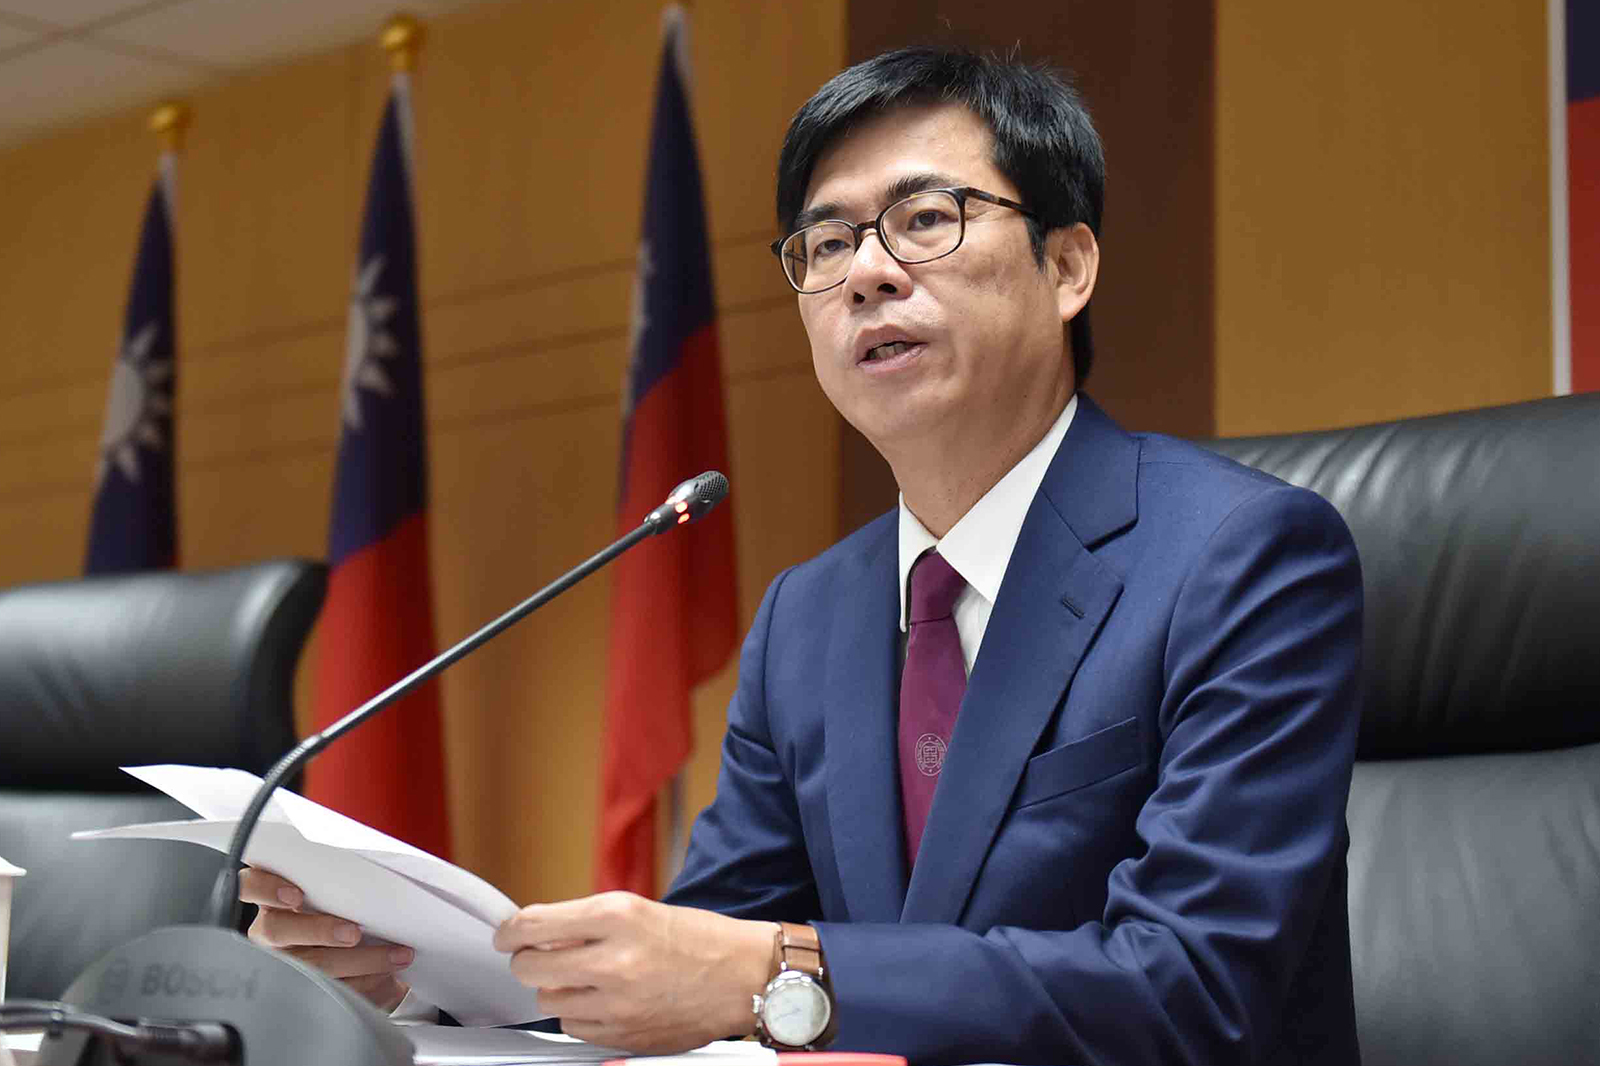 2020年11月16日,高雄市長陳其邁:RCEP簽署後,台灣產品在東南亞將面臨中國貨低價競爭。(高雄市政府提供)